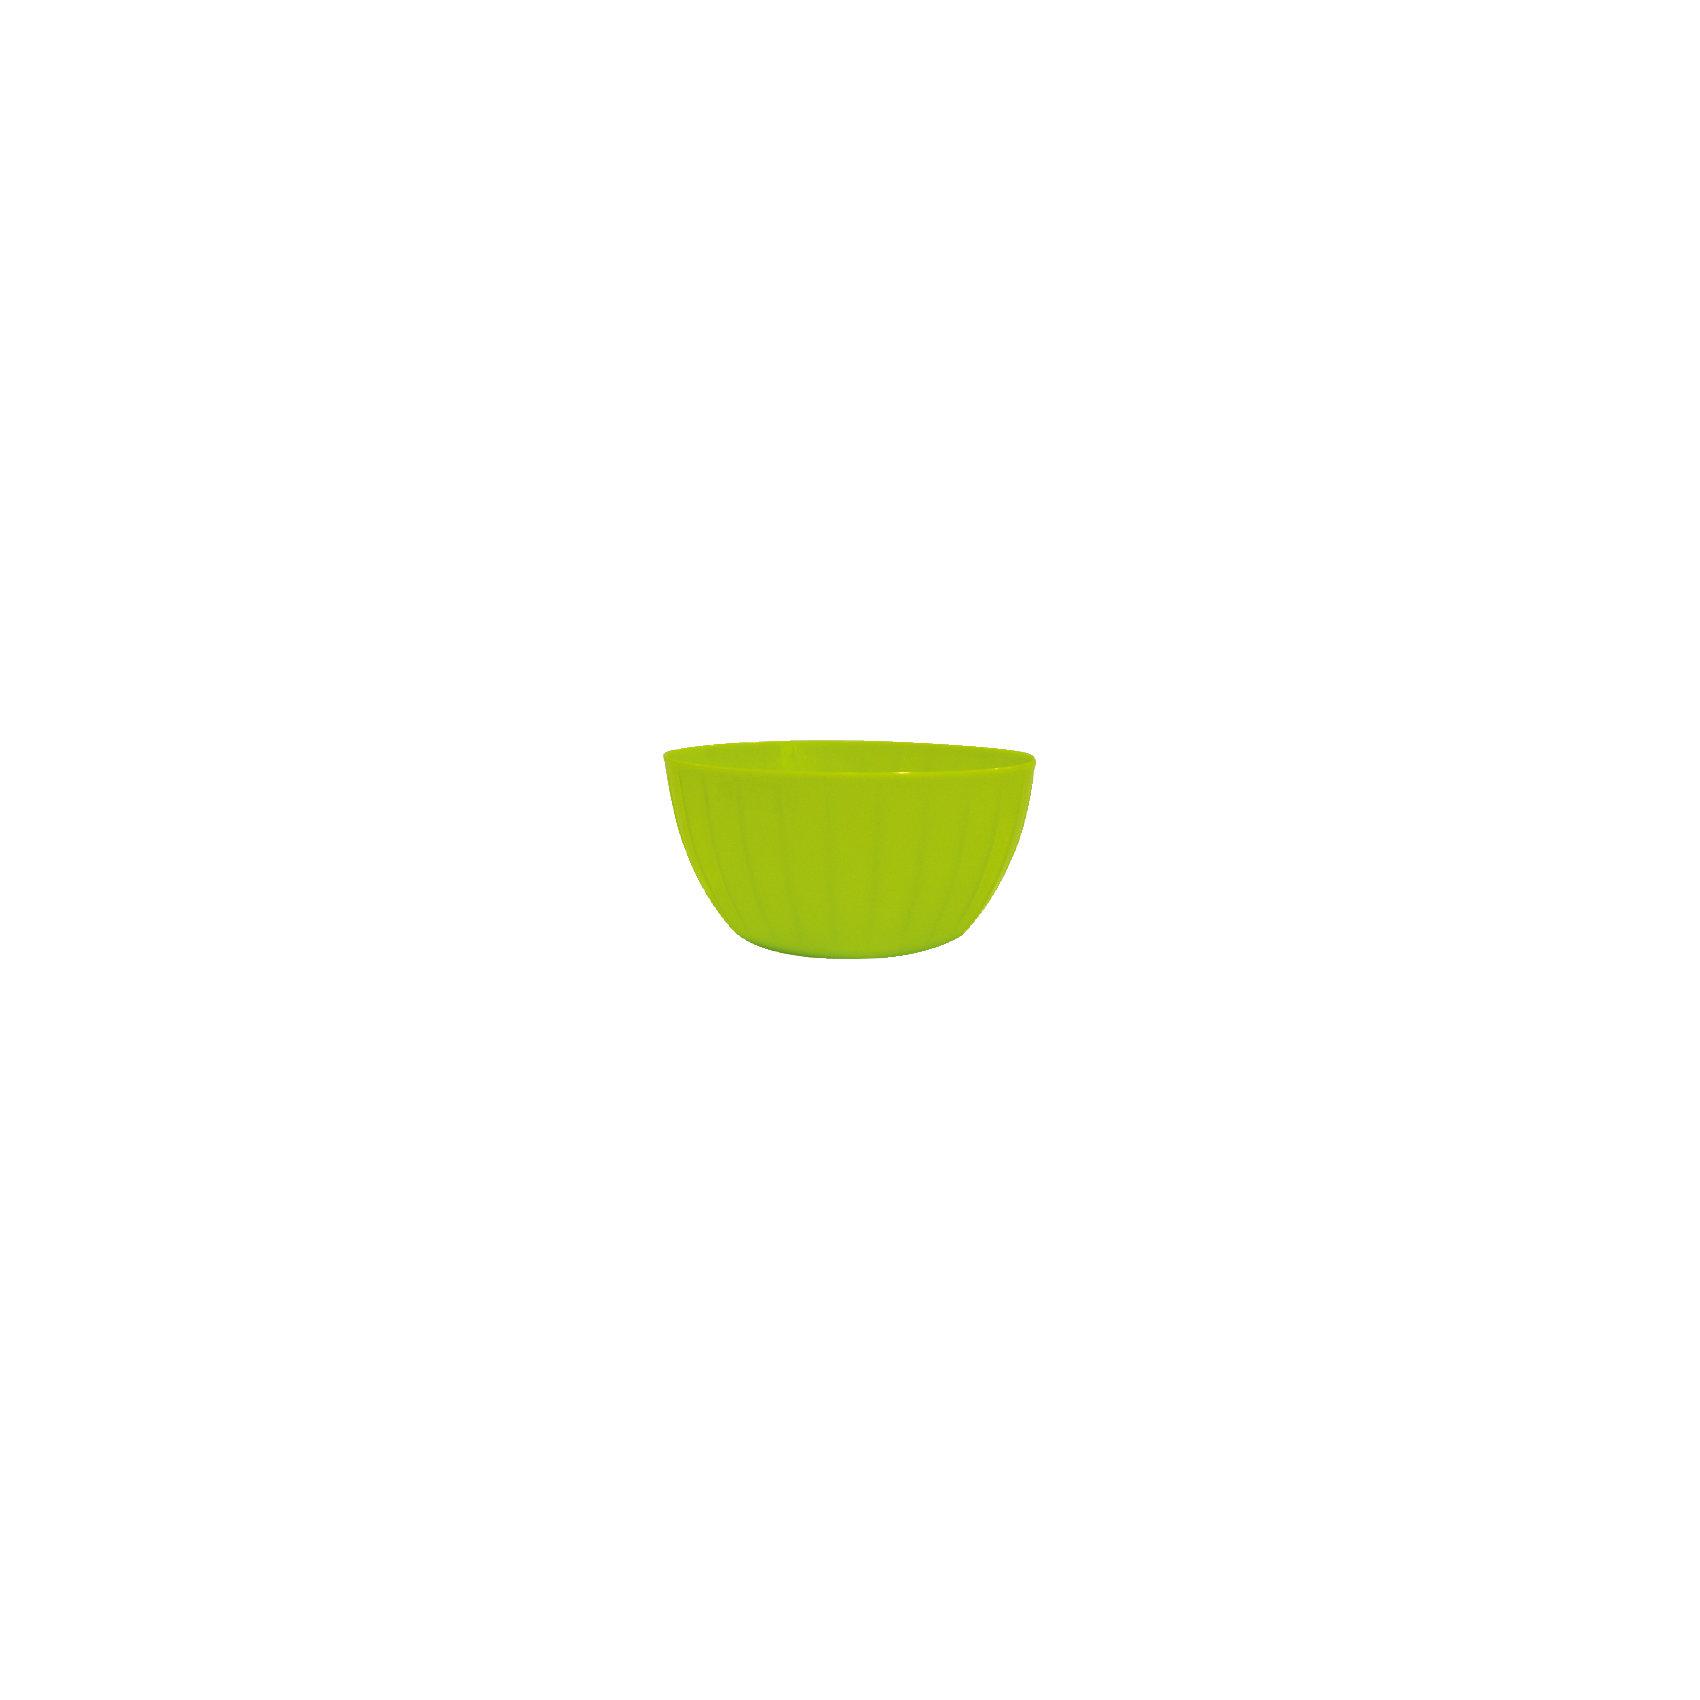 Салатник Fiesta 5 л, GiarettiПосуда<br>Салатник Fiesta 5 л, Giaretti<br><br>Характеристики:<br><br>• Цвет: зеленый<br>• Материал: пластик<br>• В комплекте: 1 штука<br>• Объем: 5 литров<br><br>Благодаря яркому интересному дизайну этот салатник придаст творческой атмосферы вашей кухне и процессу готовки. Его можно использовать как для приготовления блюд, так и для их подачи на стол. Салатник имеет литраж 5 л, а так же изготовлен из высококачественного пластика.<br><br>Салатник Fiesta 5 л, Giaretti можно купить в нашем интернет-магазине.<br><br>Ширина мм: 278<br>Глубина мм: 278<br>Высота мм: 112<br>Вес г: 272<br>Возраст от месяцев: 216<br>Возраст до месяцев: 1188<br>Пол: Унисекс<br>Возраст: Детский<br>SKU: 5545616